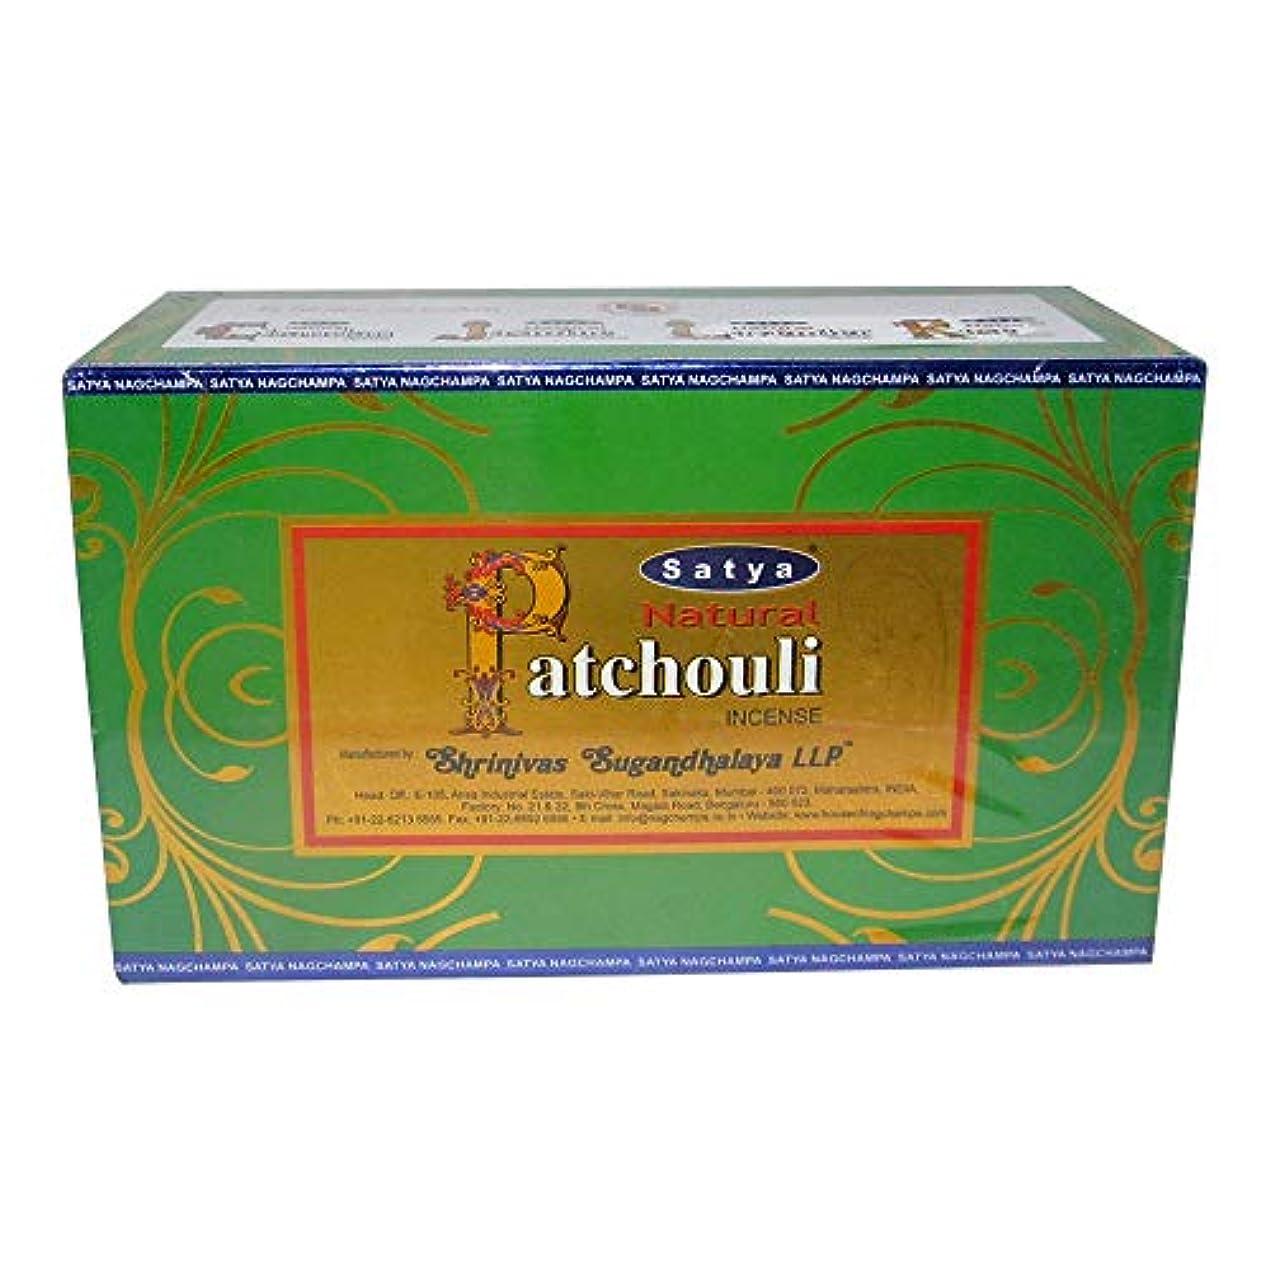 自然Patchouli Incense Sticks – By Satya Nag Champa – パックof 15 g x 12ボックス – 180 g合計